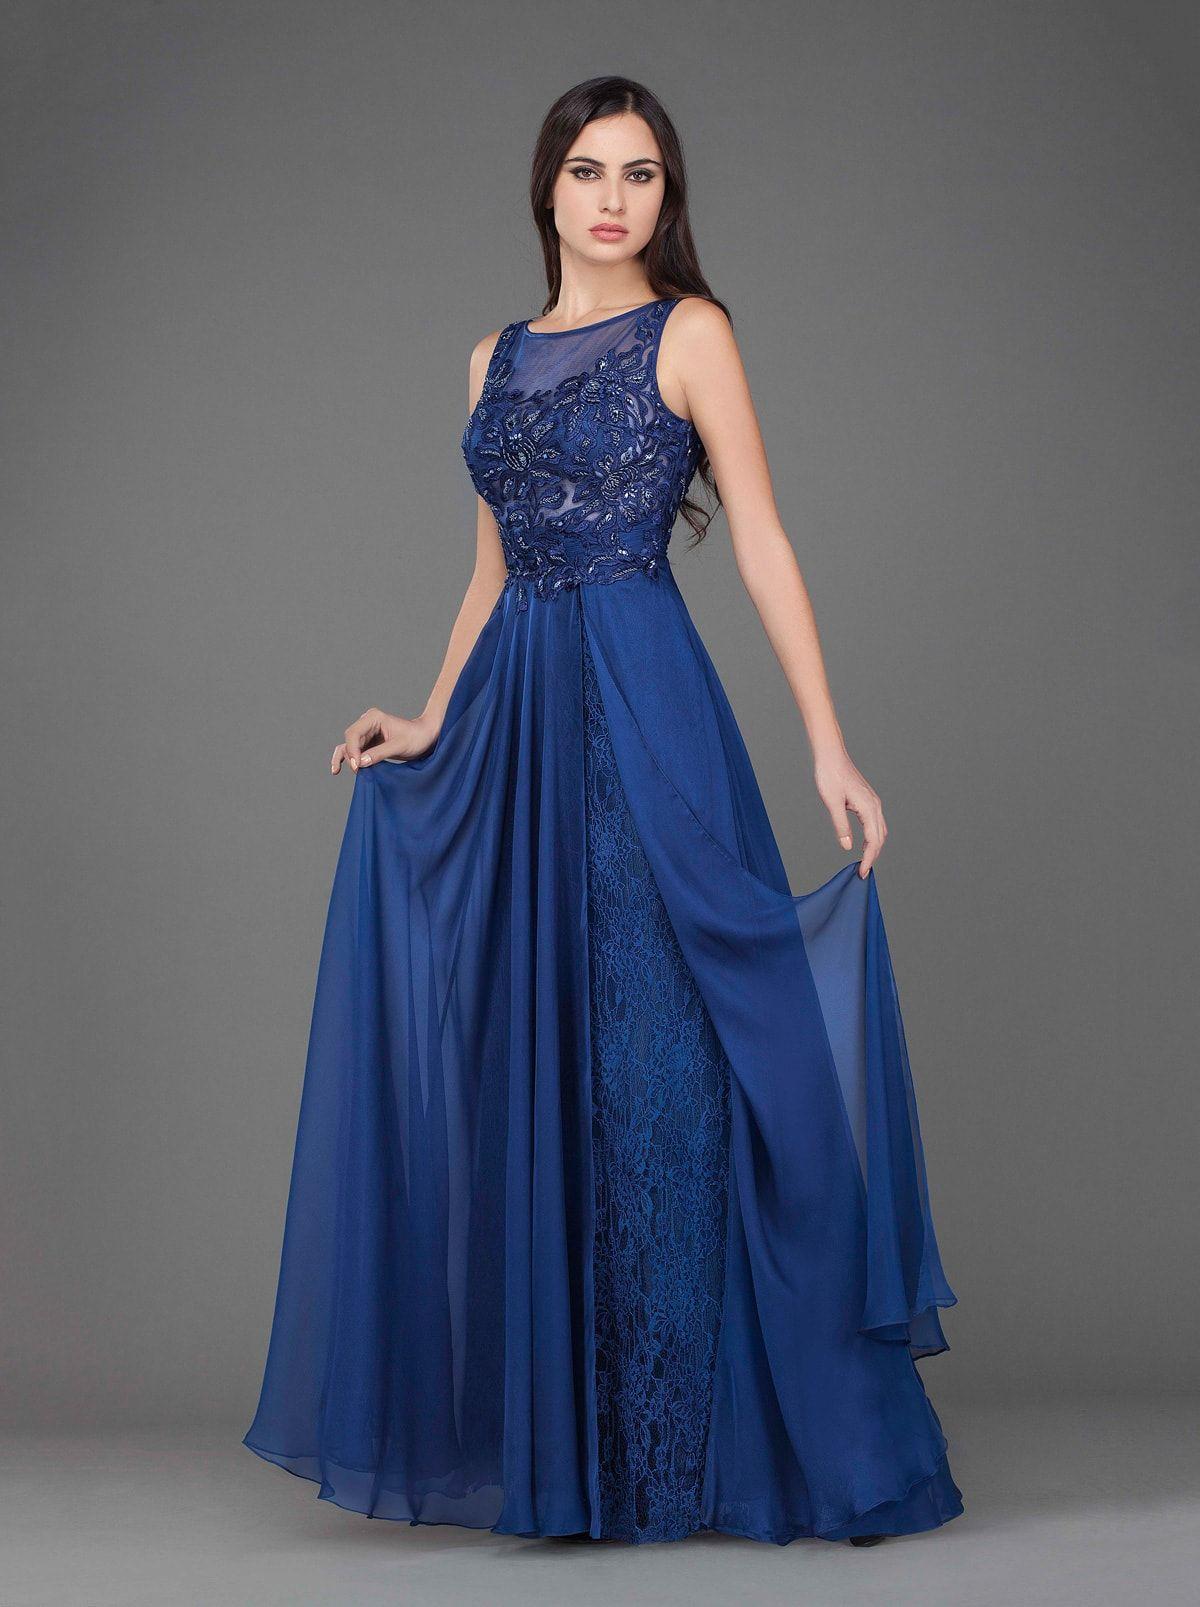 3 Modelos de Vestidos de Festa Para Madrinhas Para 2017   Dress prom ...